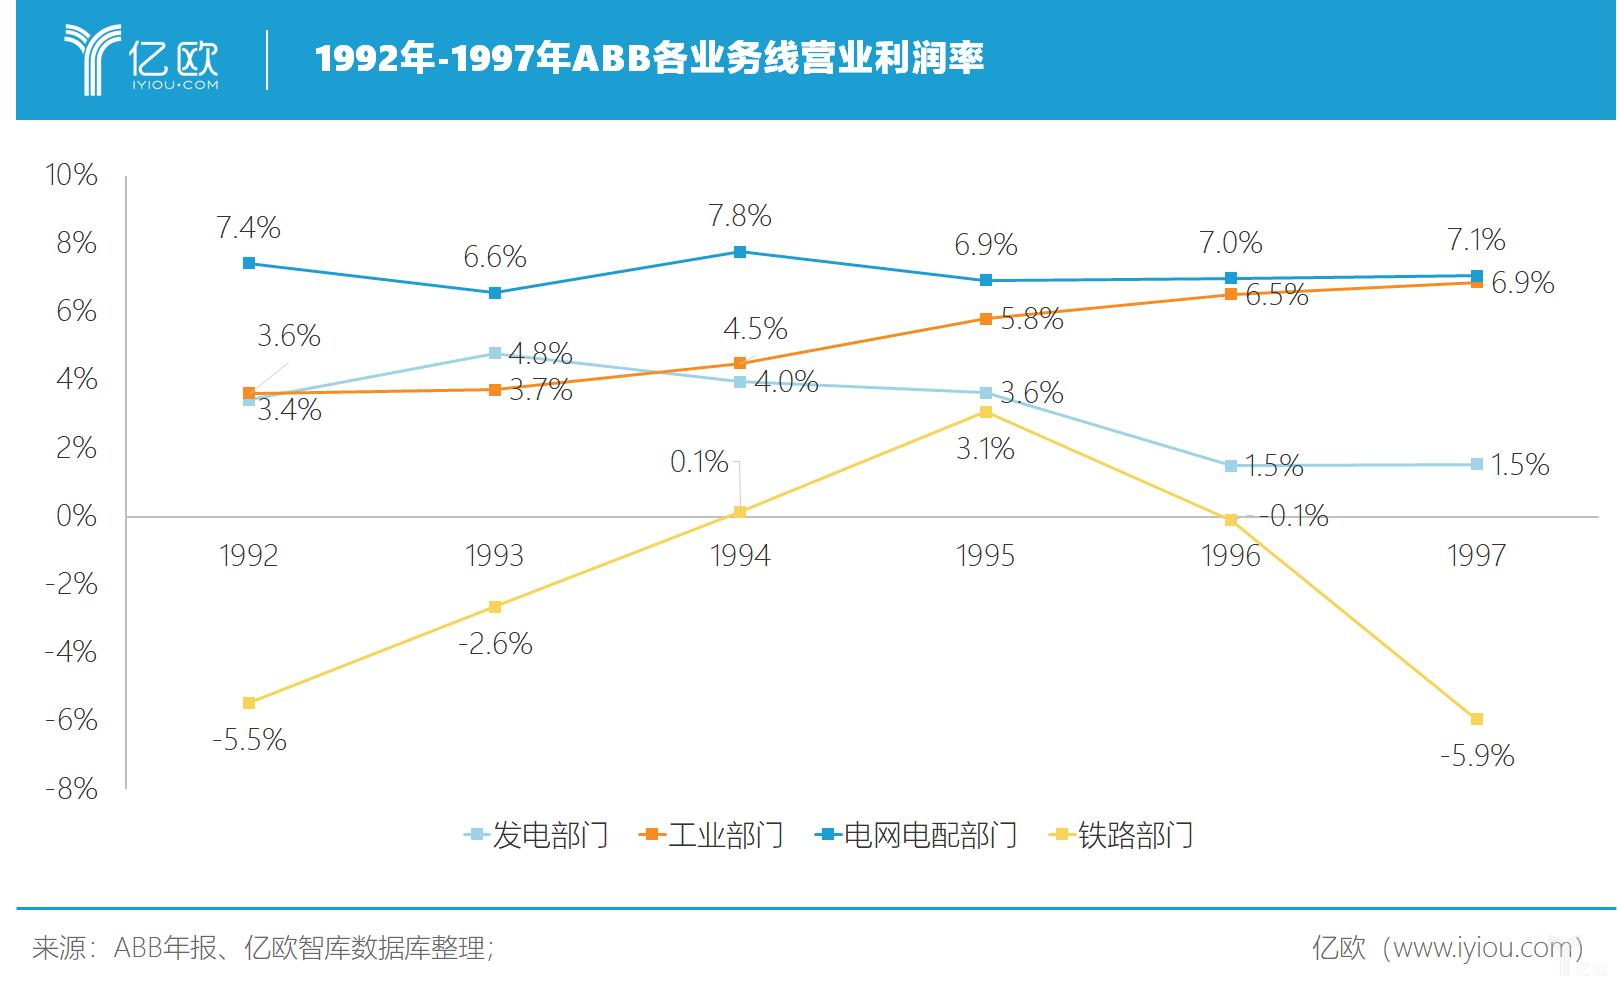 亿欧智库:1992年-1997年ABB各业务线营业利润率